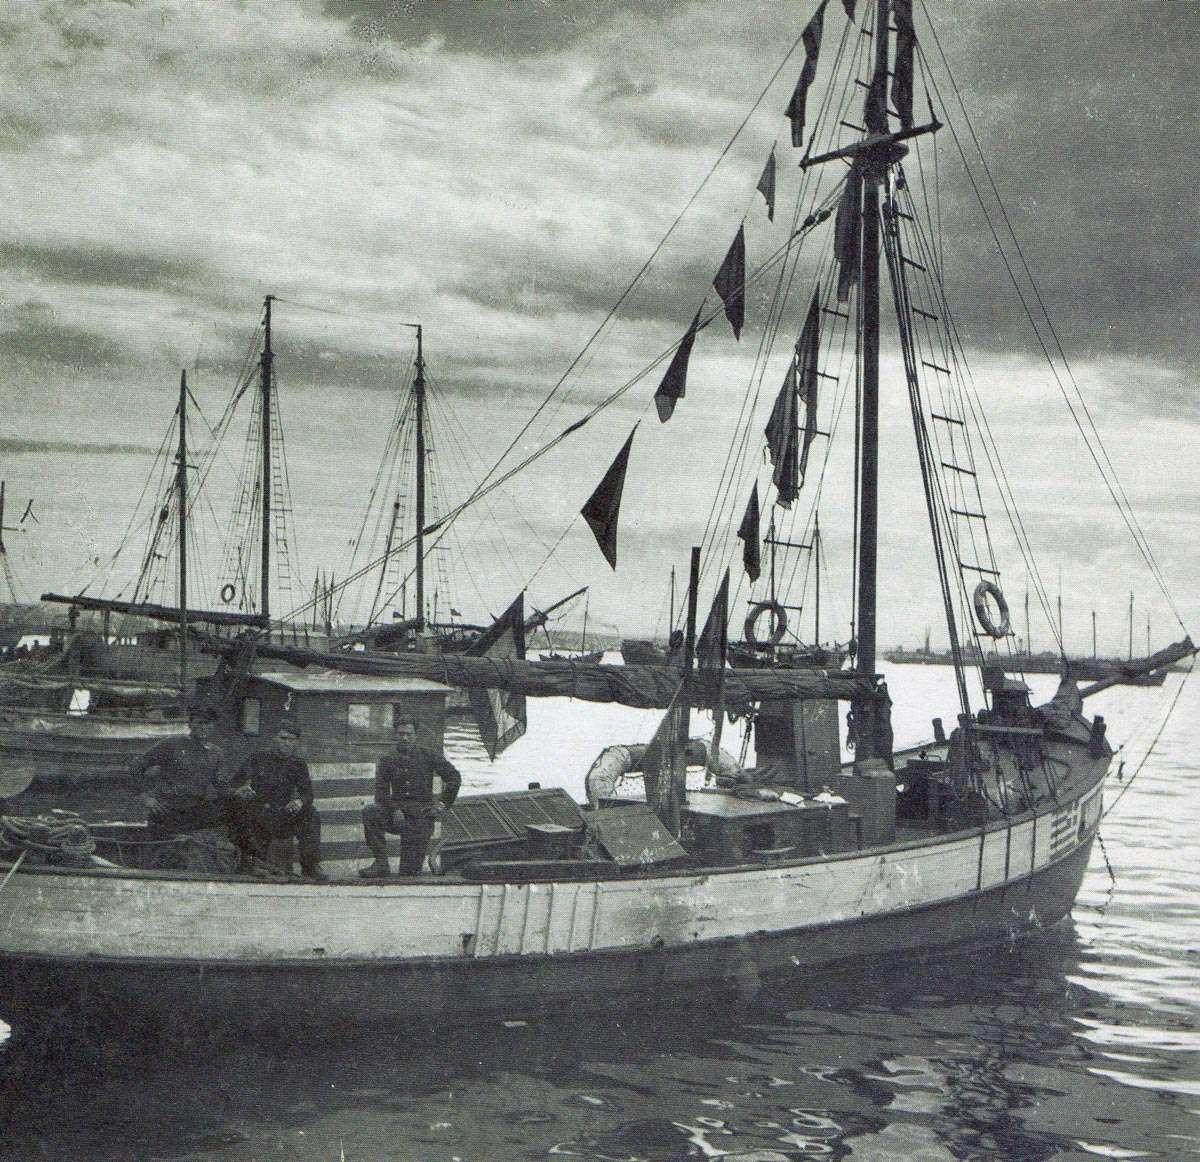 Σημαιοστολισμένο καΐκι του ΕΛΑΝ στο λιμάνι της Θεσσαλονίκης. Στις 30 Οκτωβρίου του 1944, 12 εξοπλισμένα σκάφη του ΕΛΑΝ Ιερισσού και πολλά βοηθητικά, σημαιοστολισμένα, μπαίνουν στο ελεύθερο (μετά την αποχώρηση των Γερμανών) λιμάνι της Θεσσαλονίκης. Σπύρος Μελετζής, «Με τους αντάρτες στα βουνά», σ. 274.